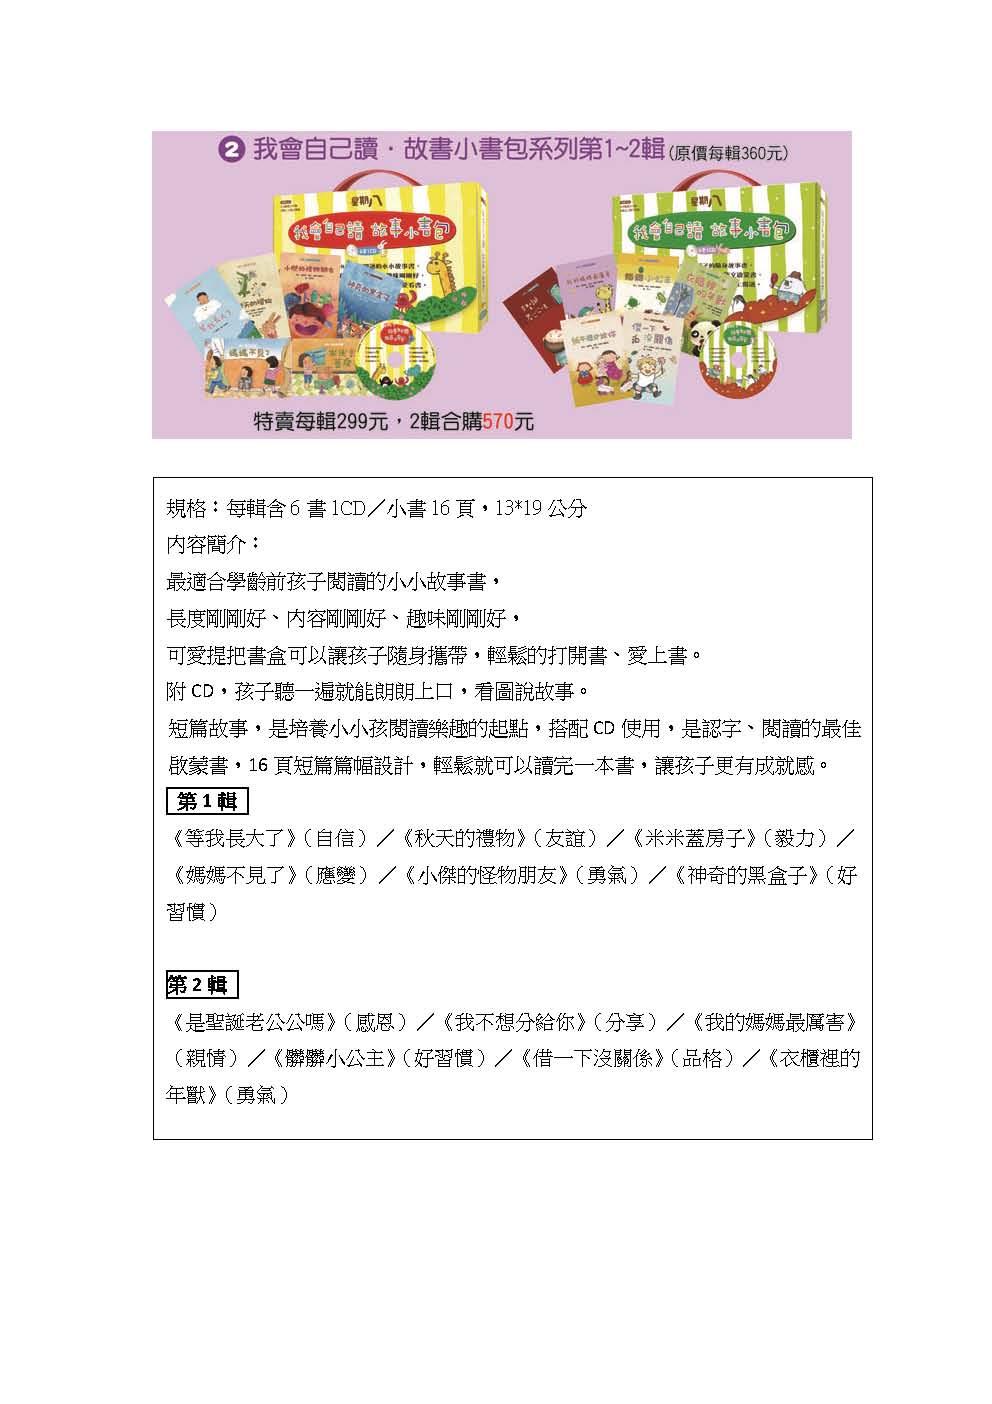 特賣商品簡介_頁面_2